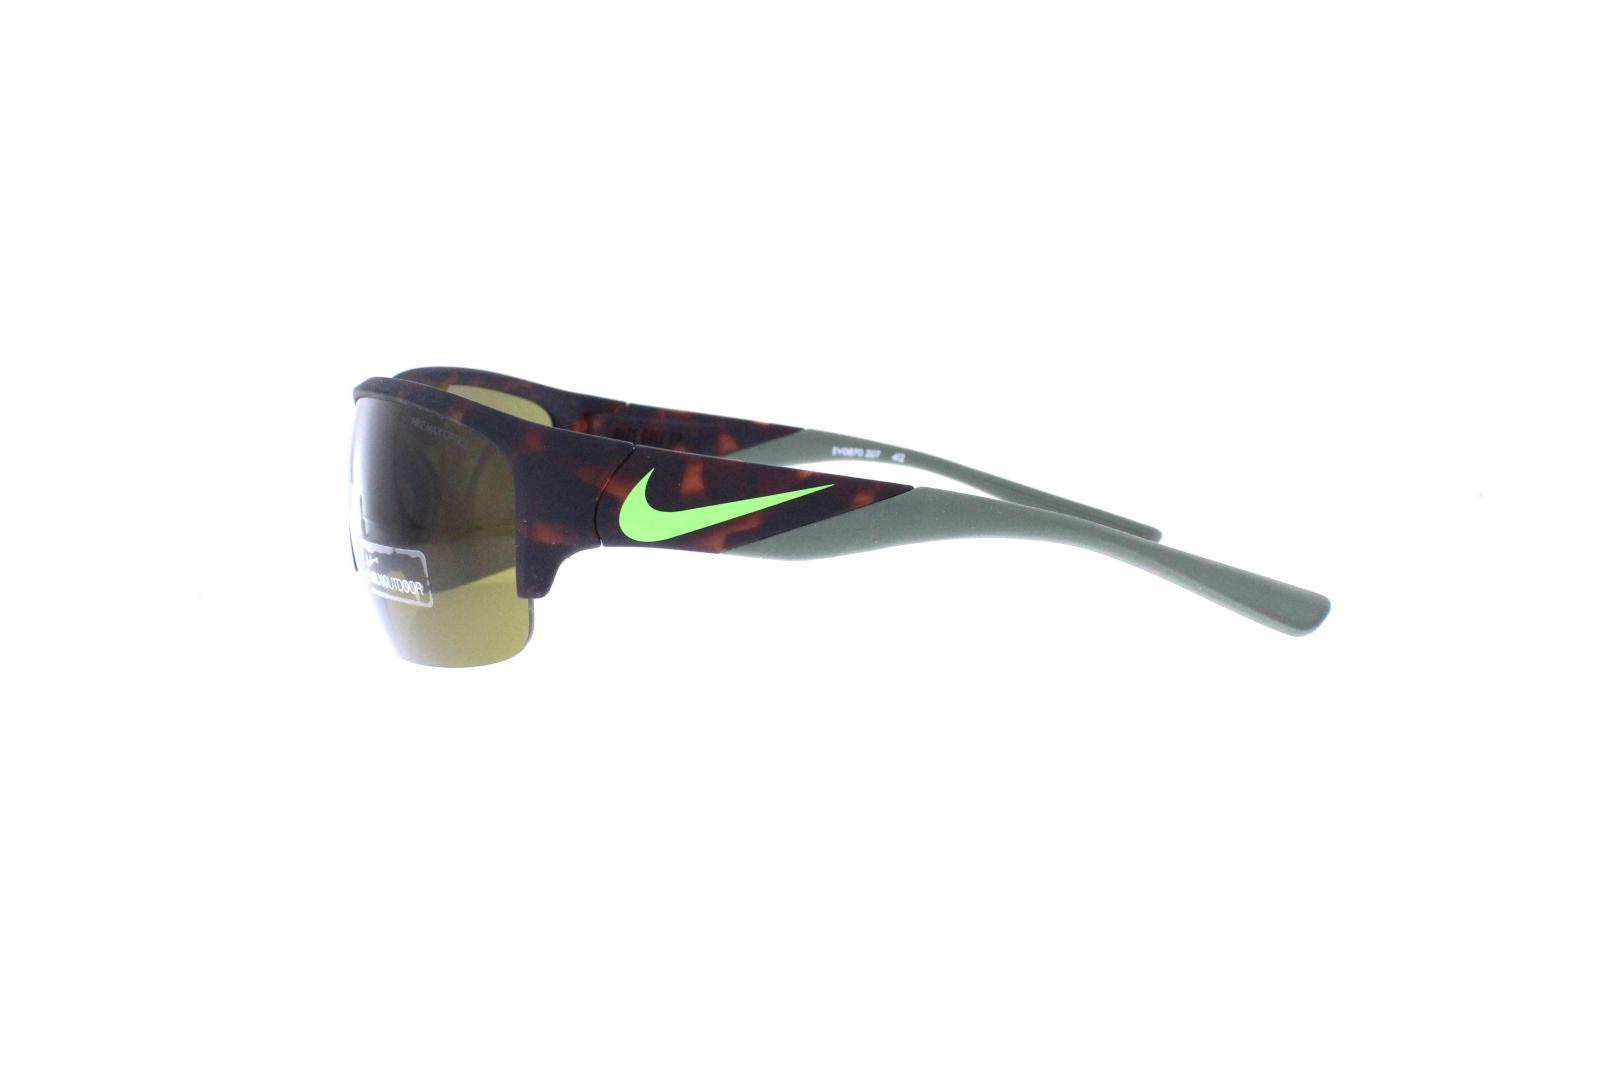 Lunettes de Soleil Nike Golf Ev0870 207 pas cher - Optical Discount c8f098d1a968